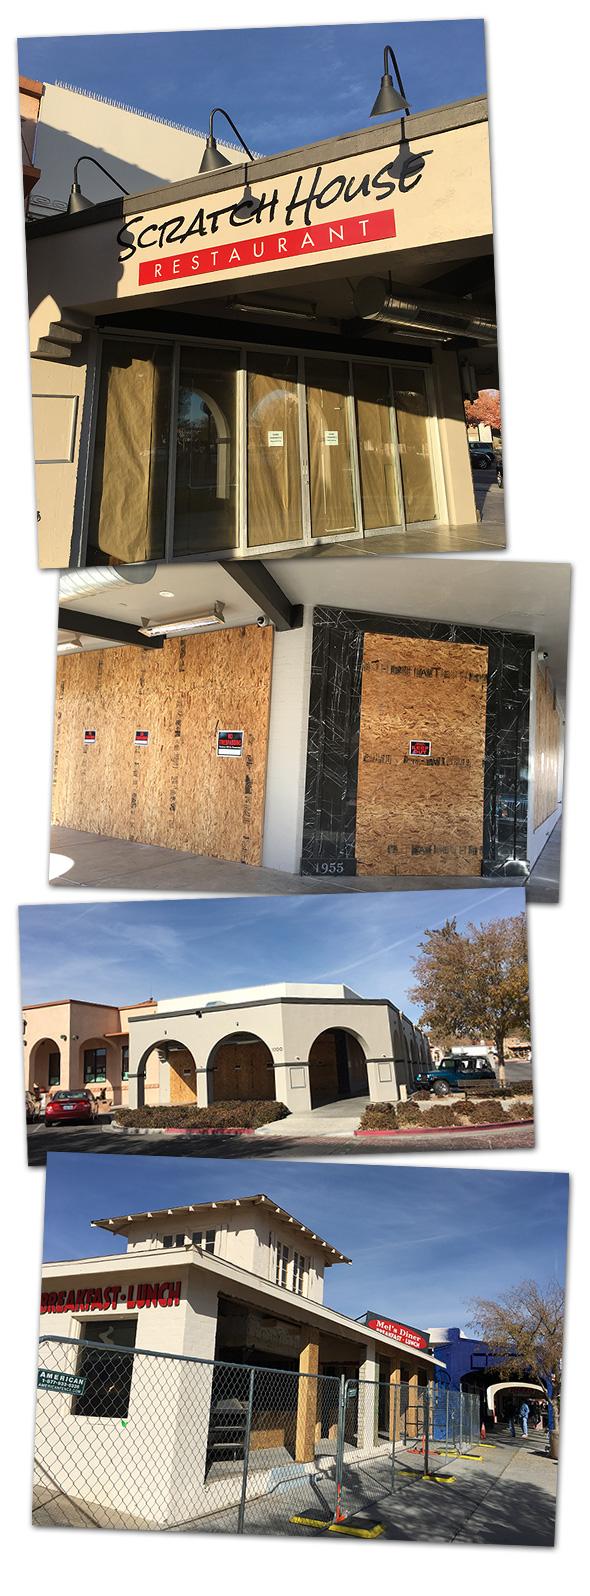 Scratch House Closure in Boulder City, Nevada